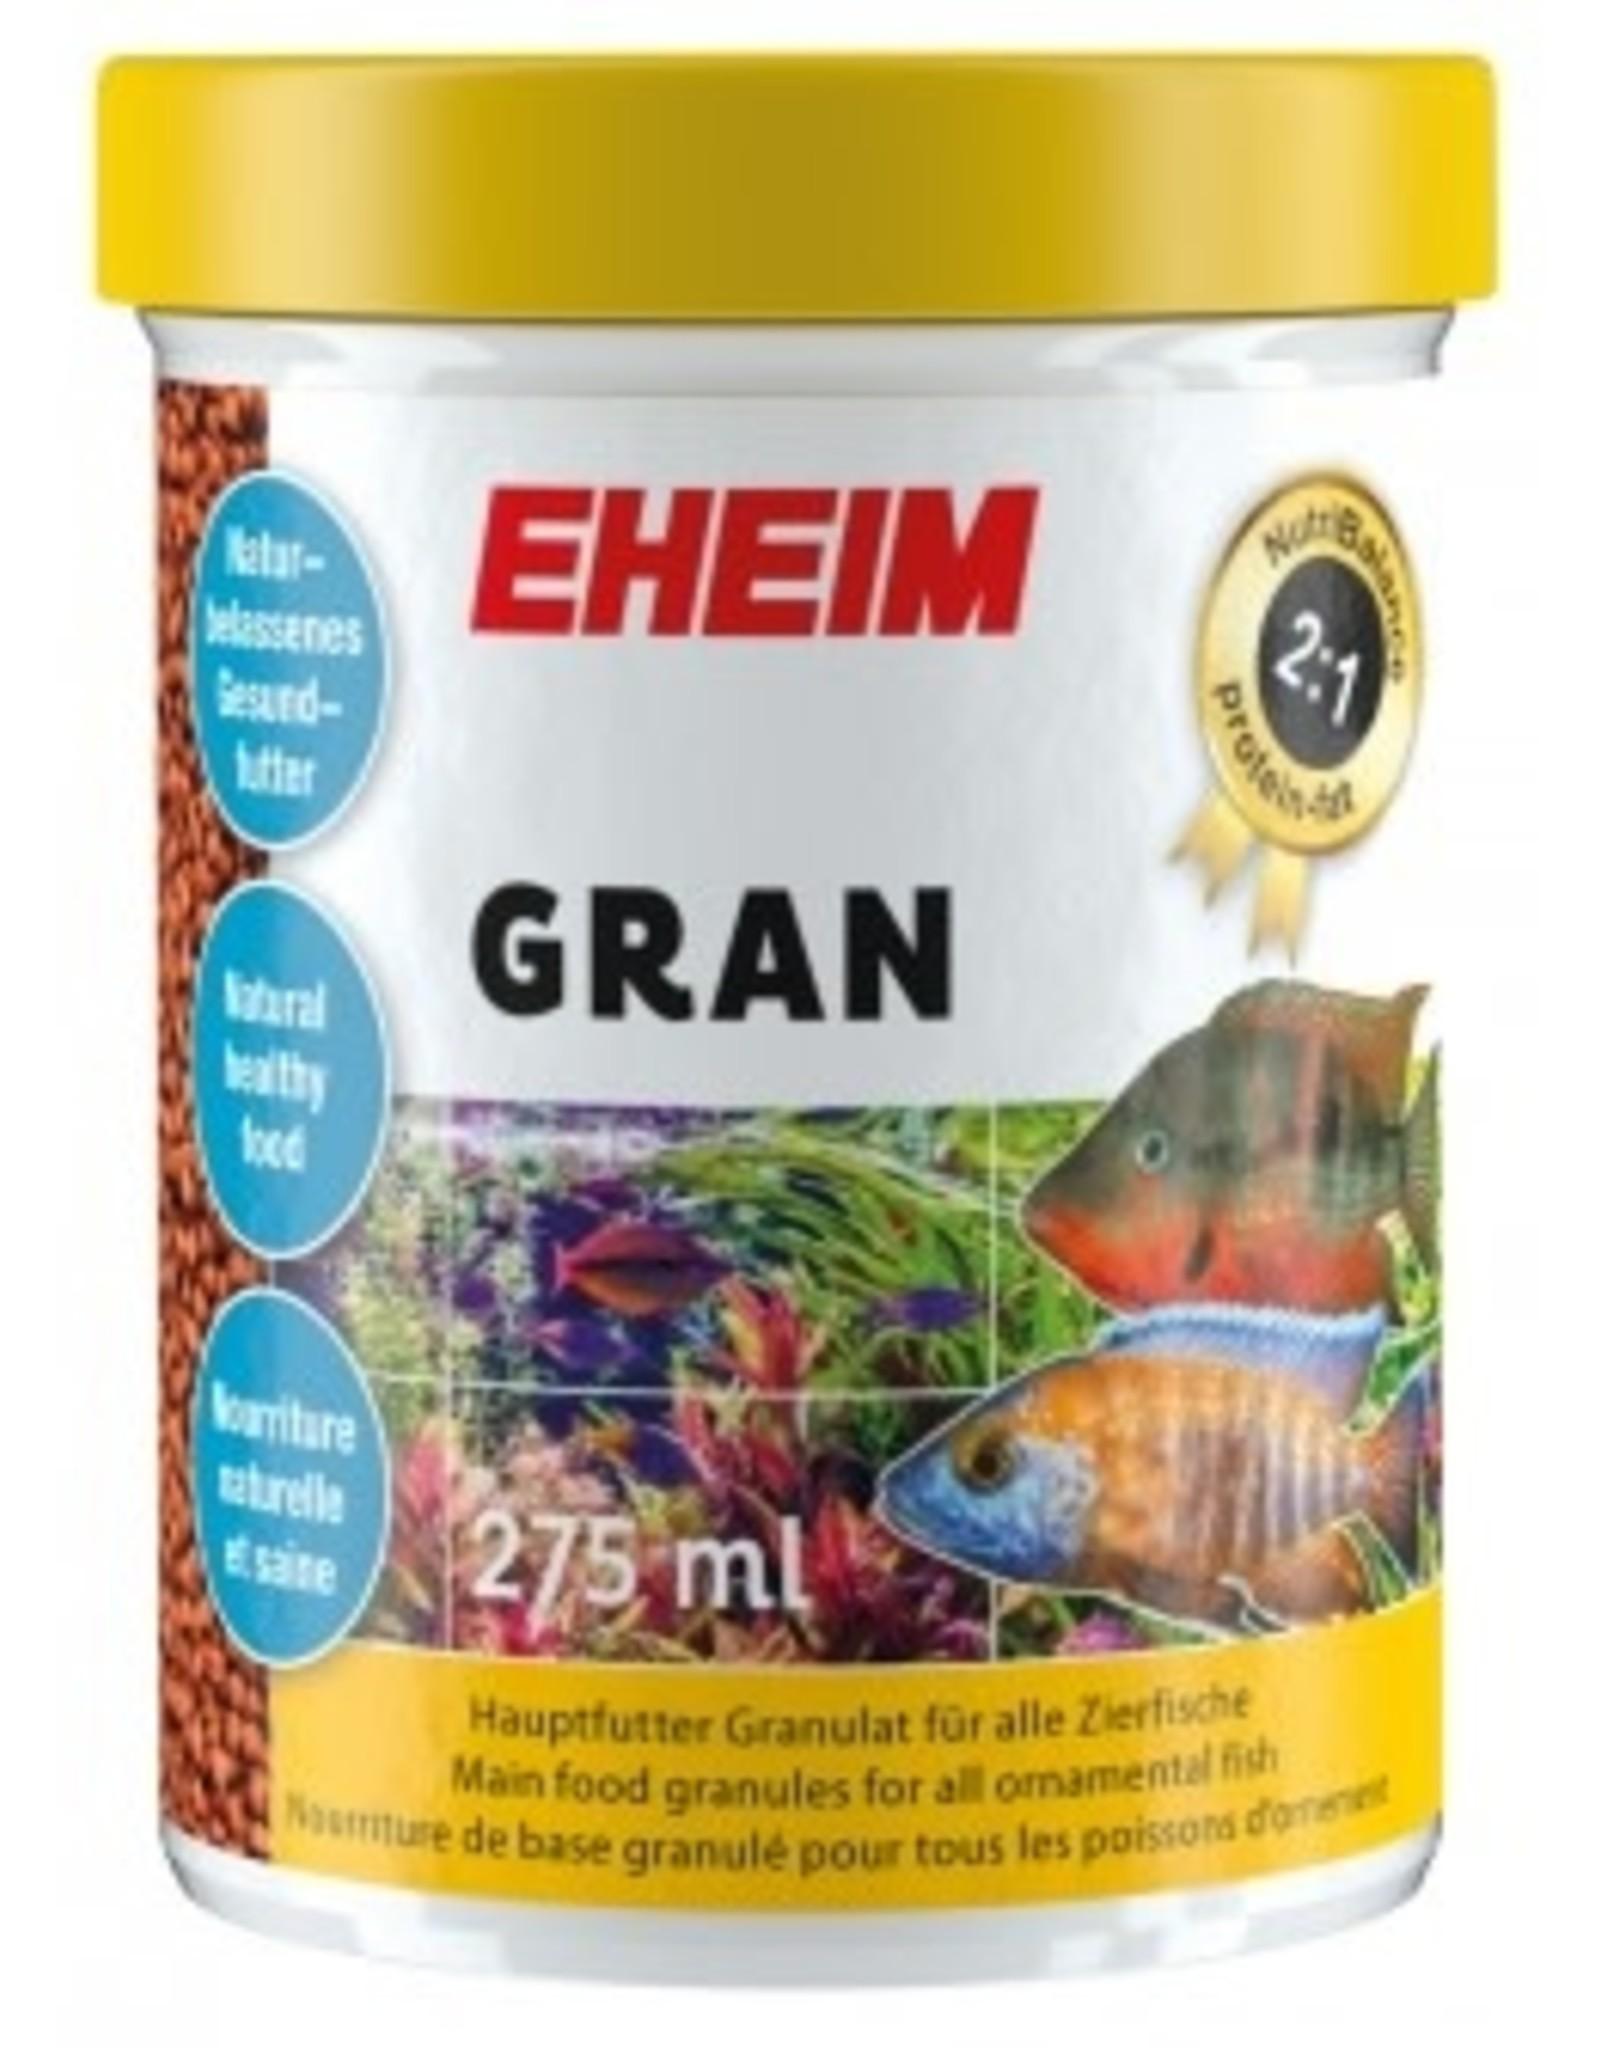 Eheim EHEIM GRAN 275ml